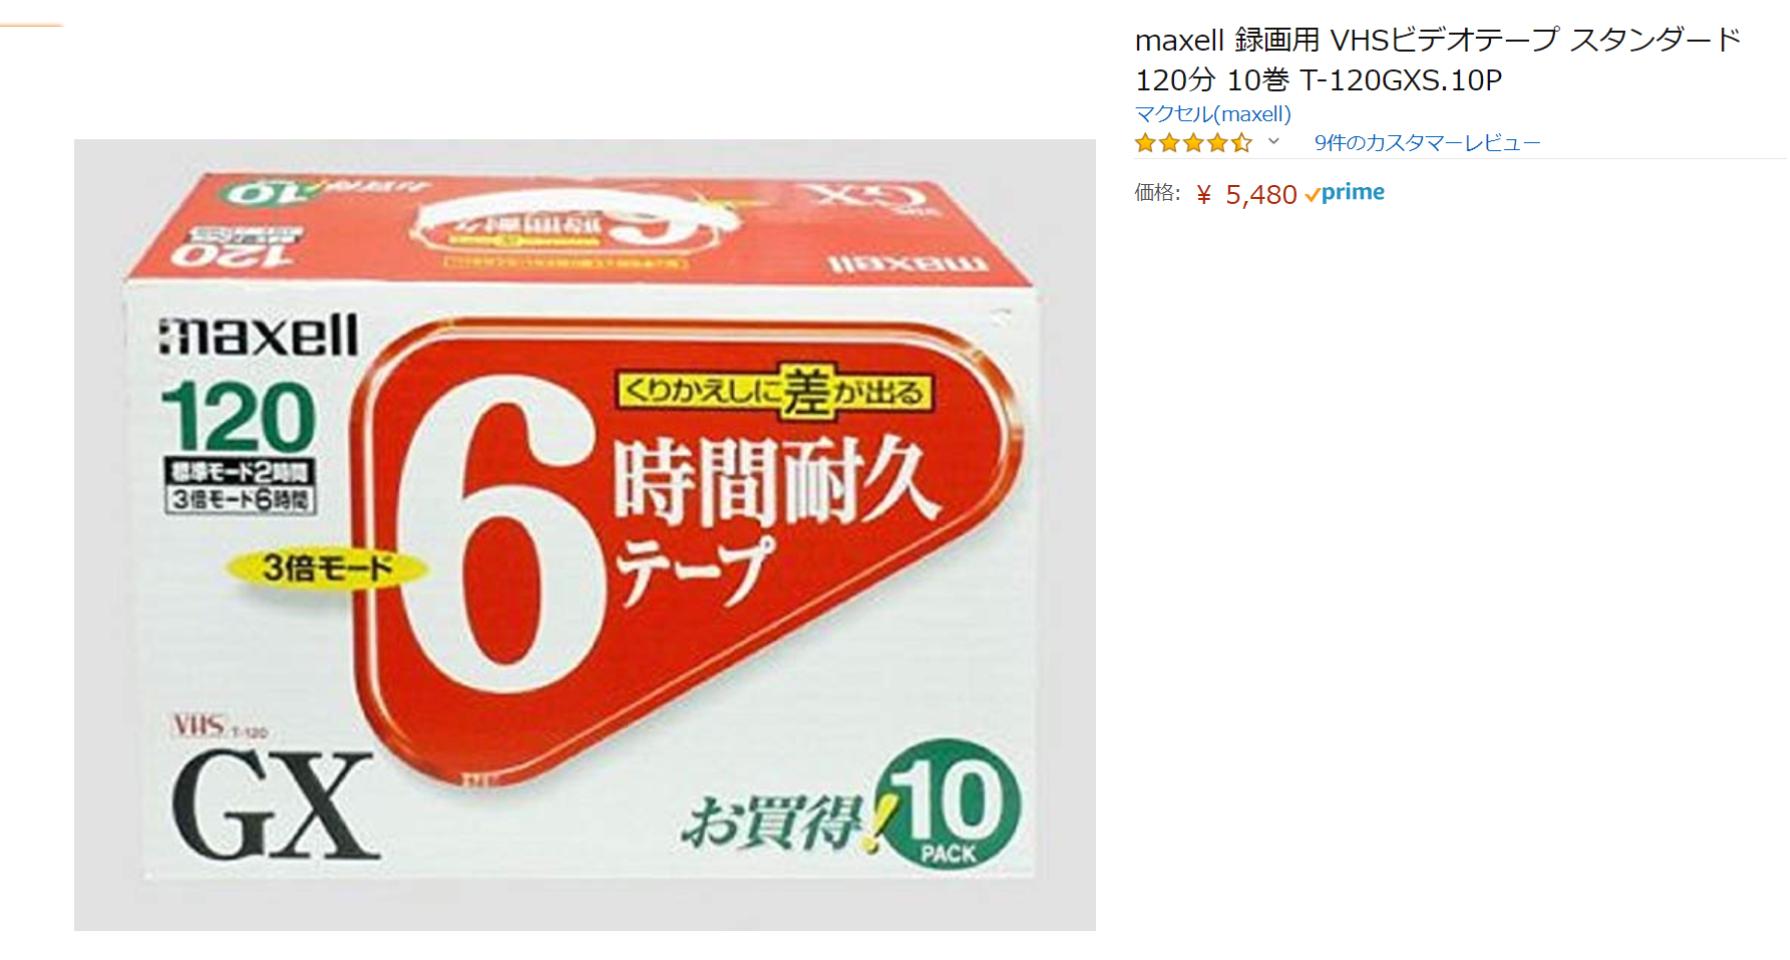 ビデオテープの商品画像